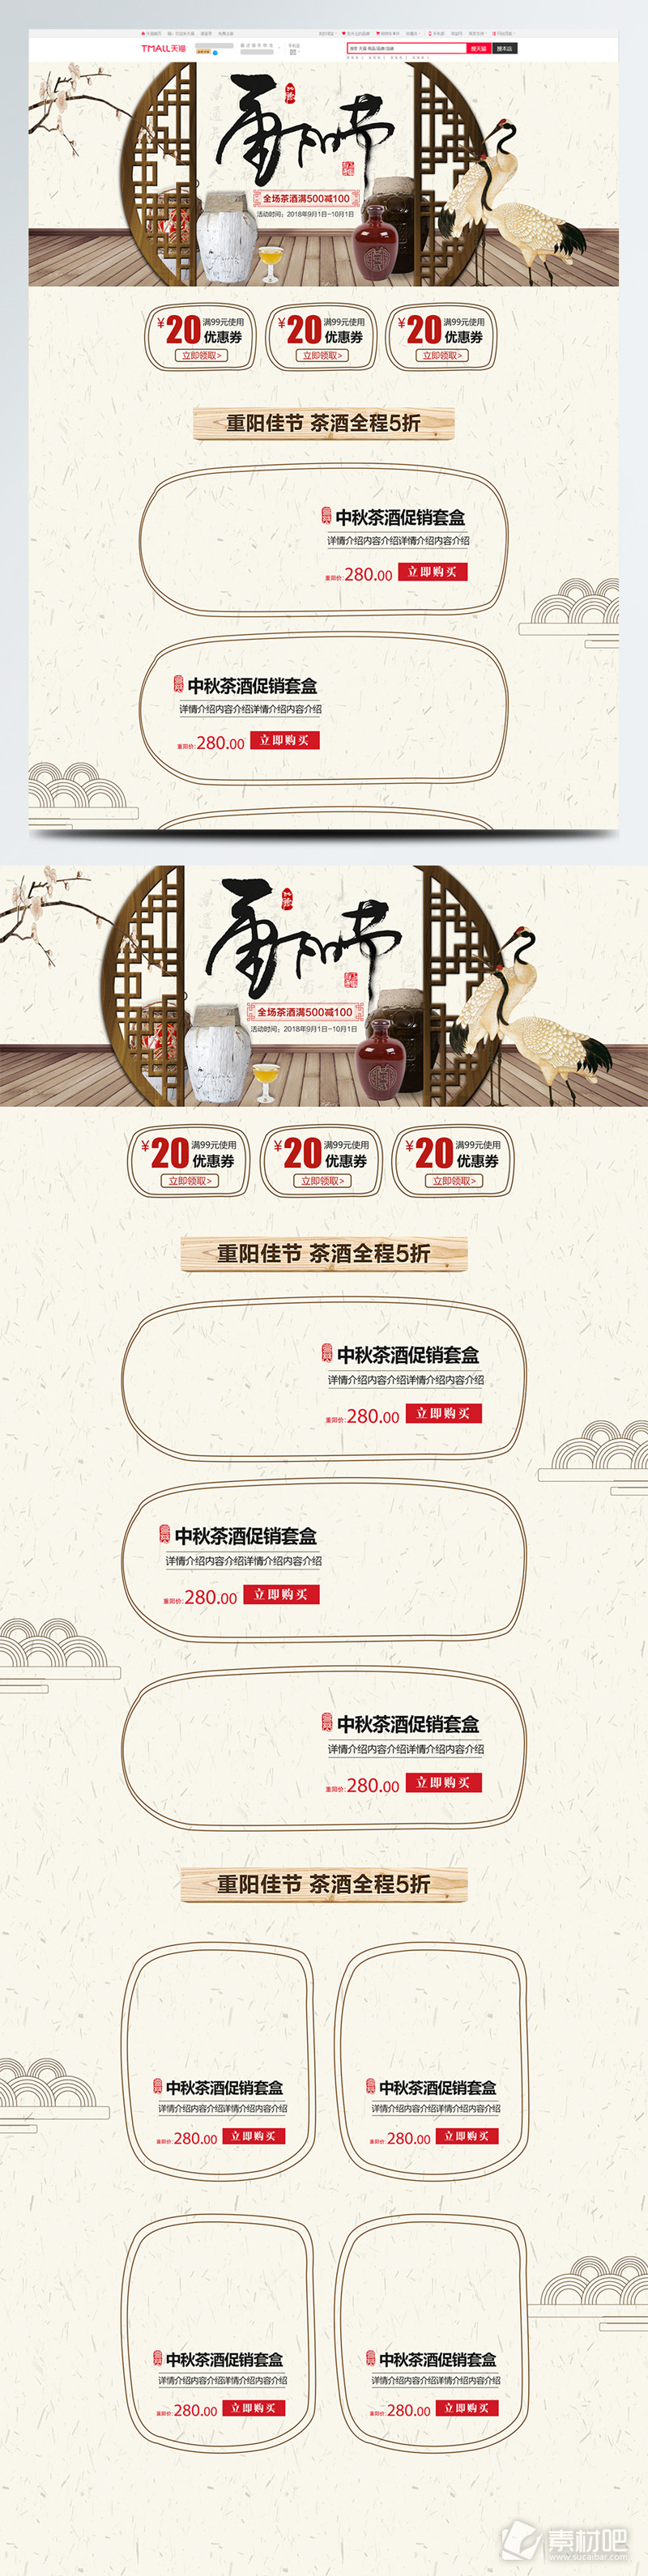 复古色传统中国风重阳节茶酒首页模板